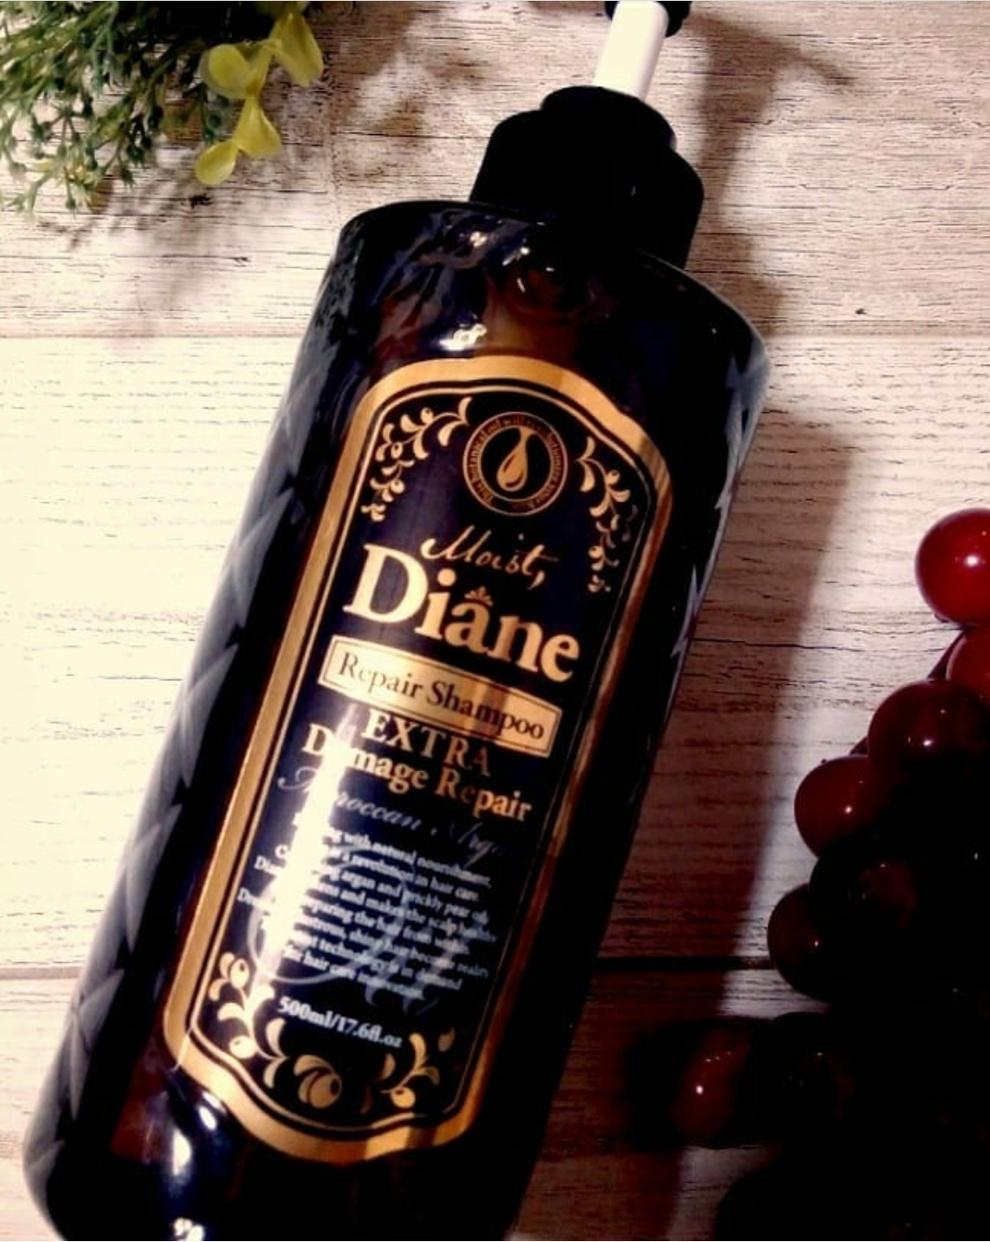 Diane(ダイアン) エクストラダメージリペア オイルシャンプーを使ったせあらさんのクチコミ画像